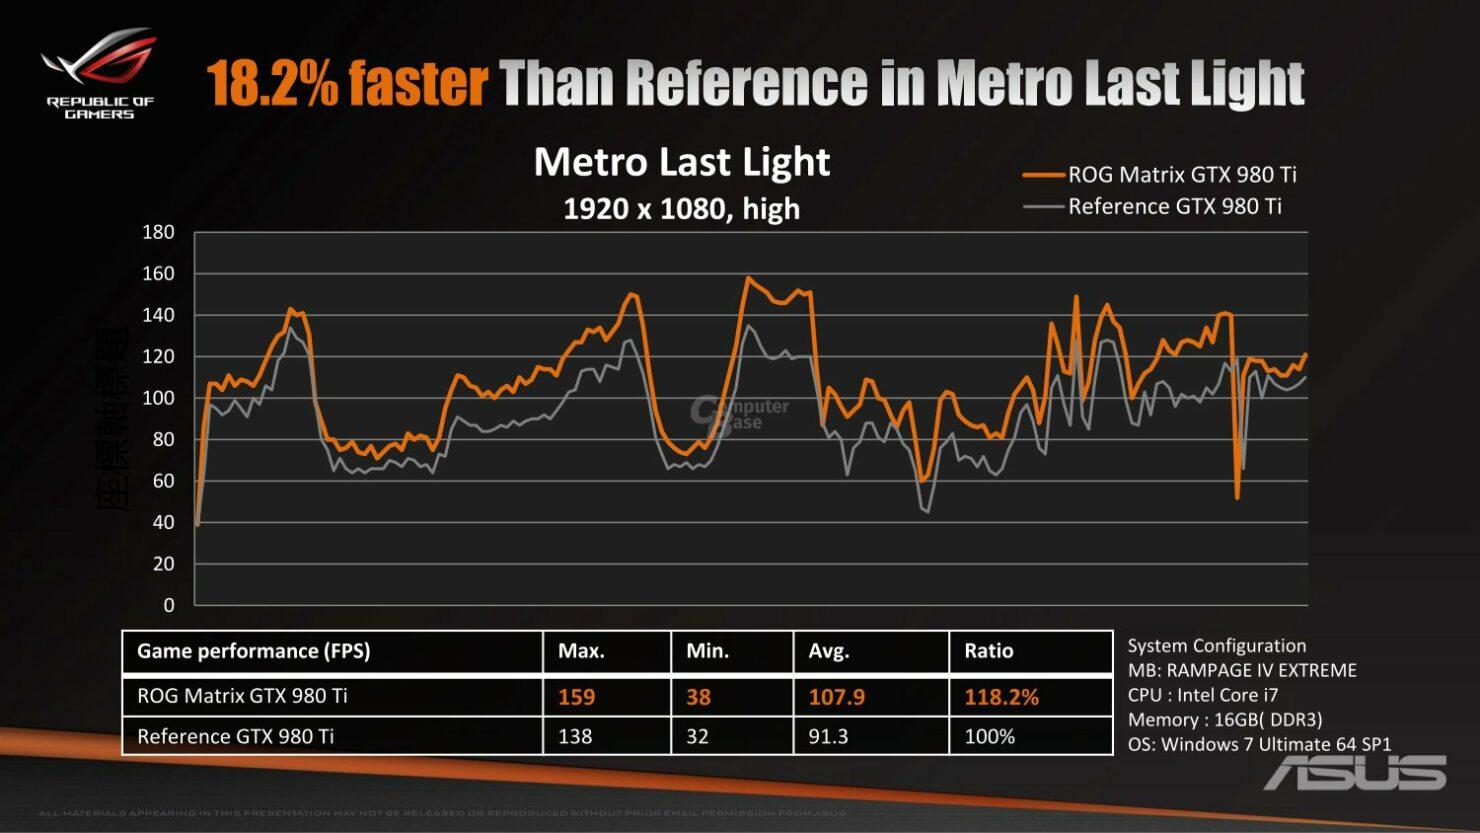 asus-rog-matrix-gtx-980-ti-platinum_metro-last-light